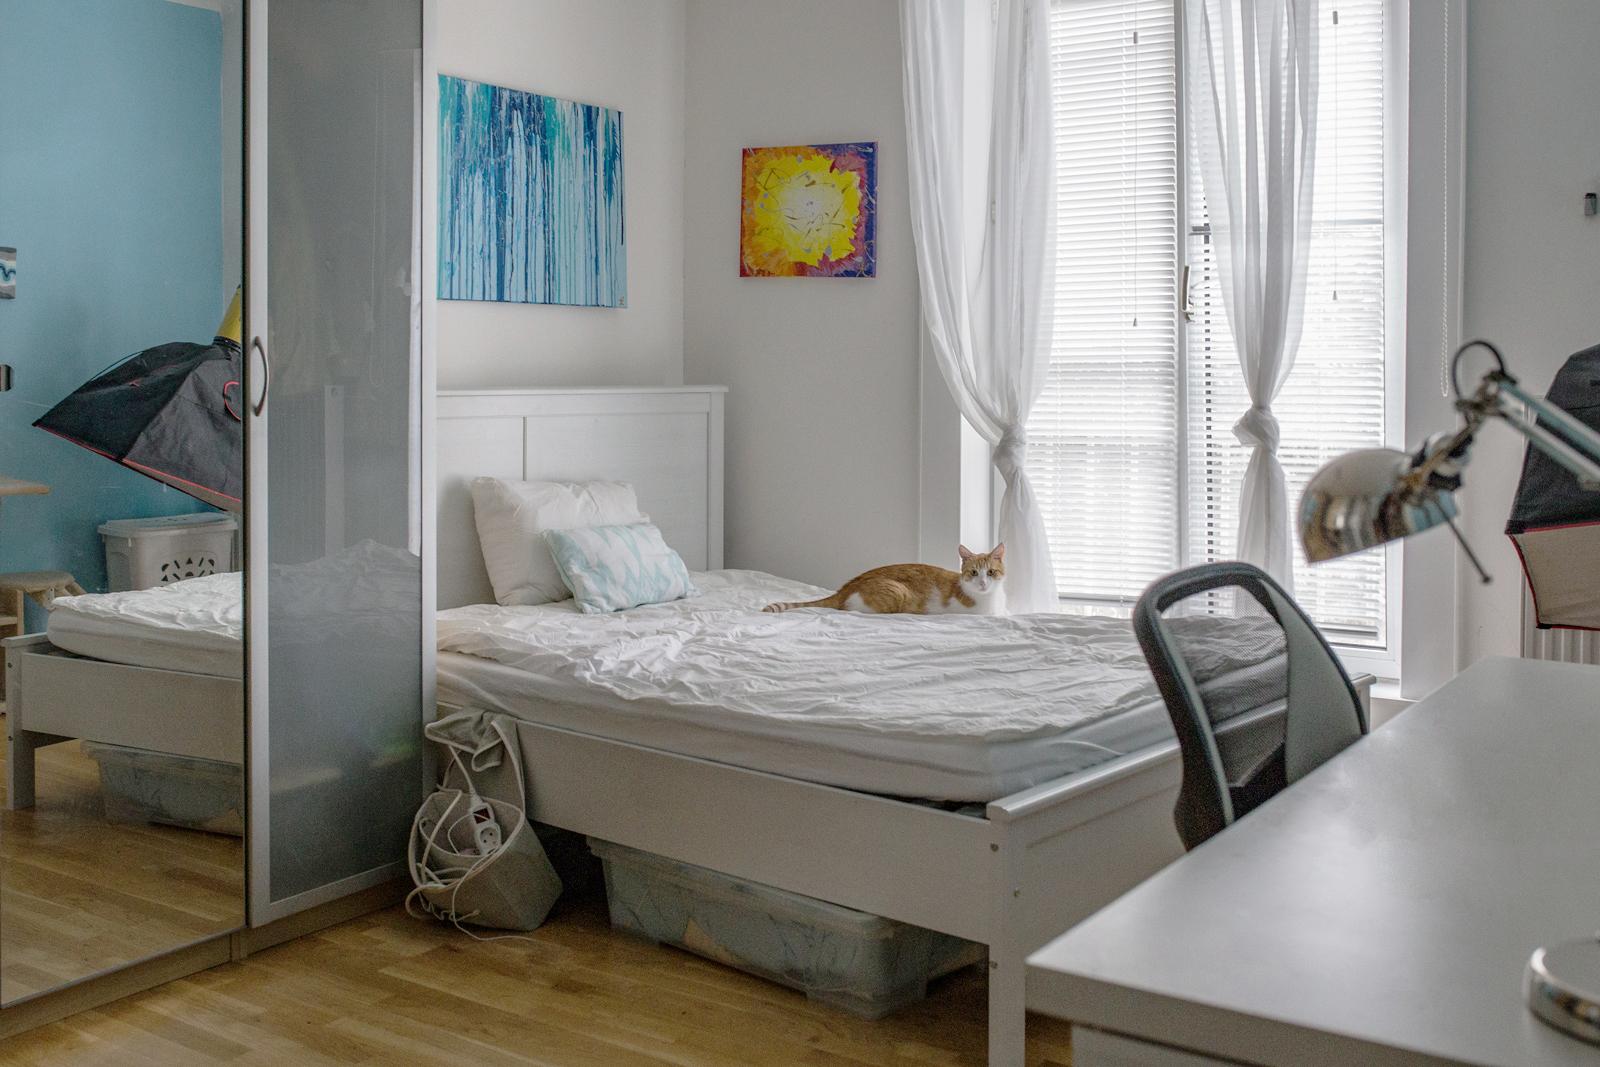 Foto_by_Nadja_Nemetz_Schlafzimmer_Wohnen_interior_2